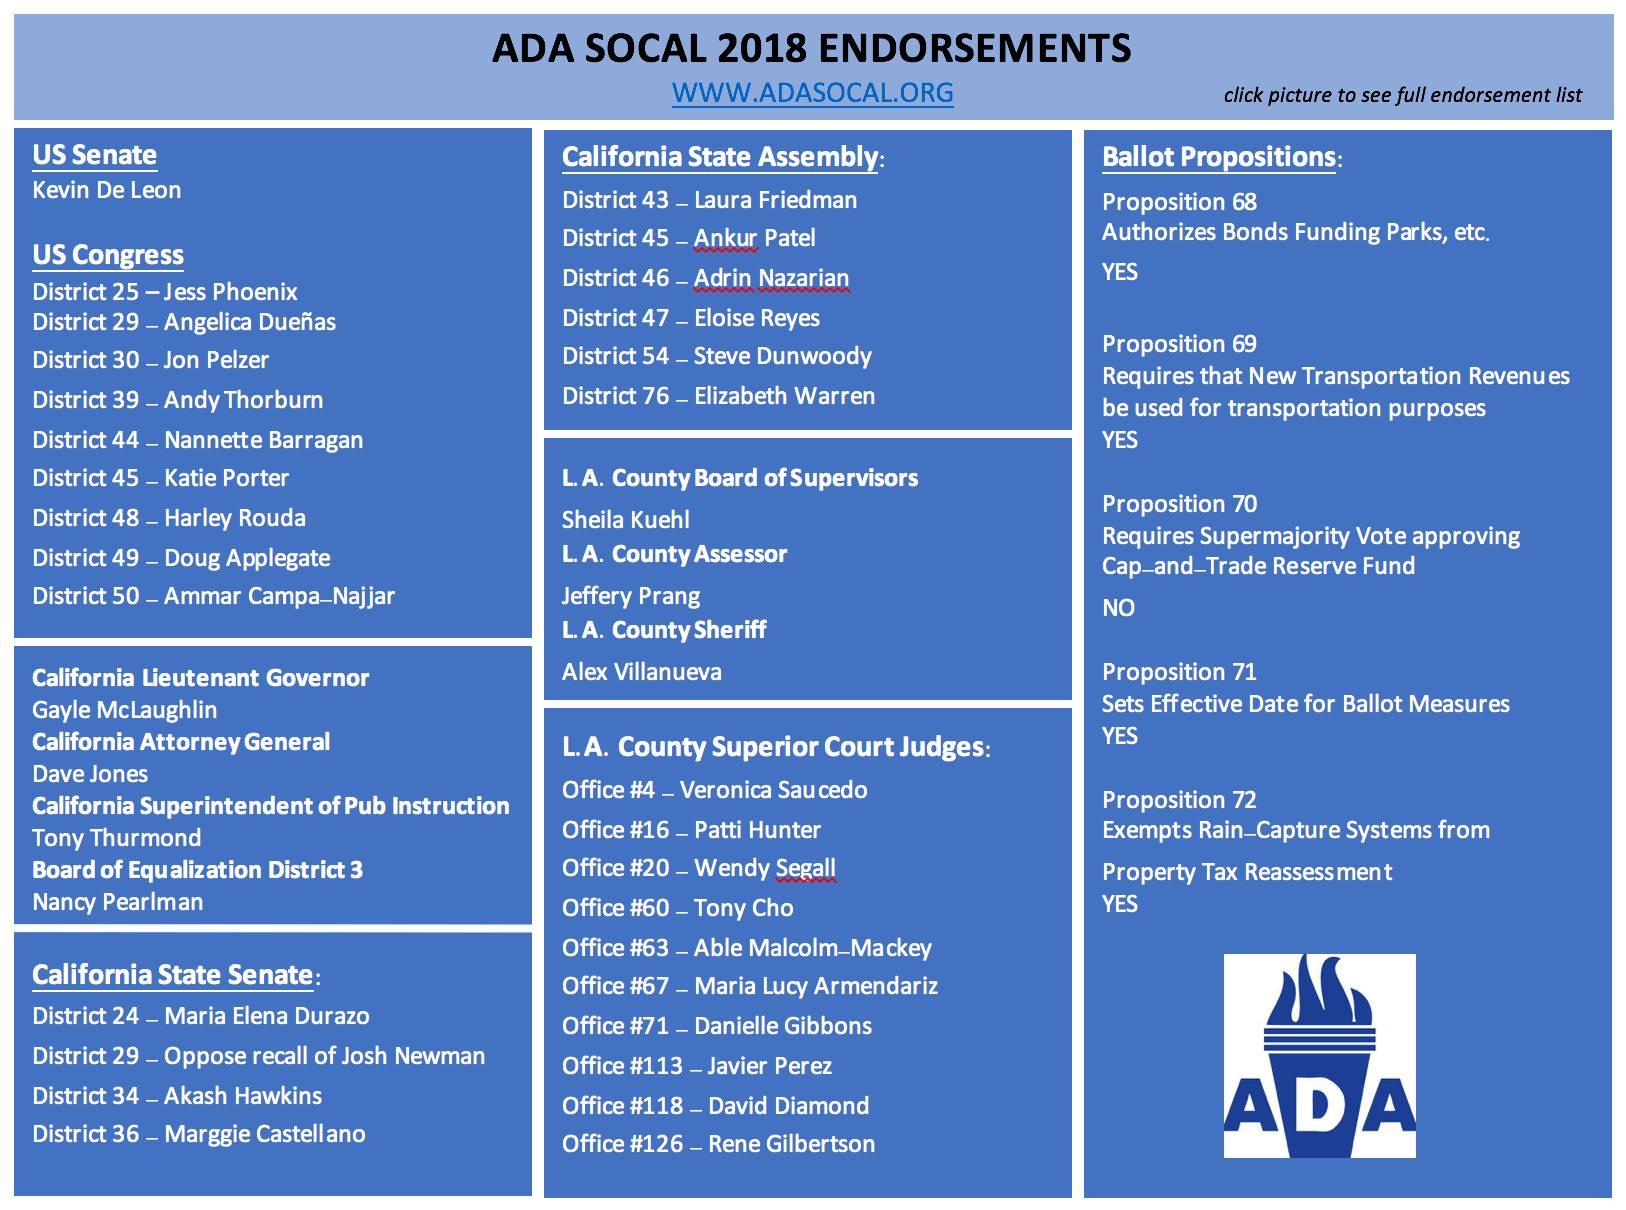 ADA SoCal Endorsements